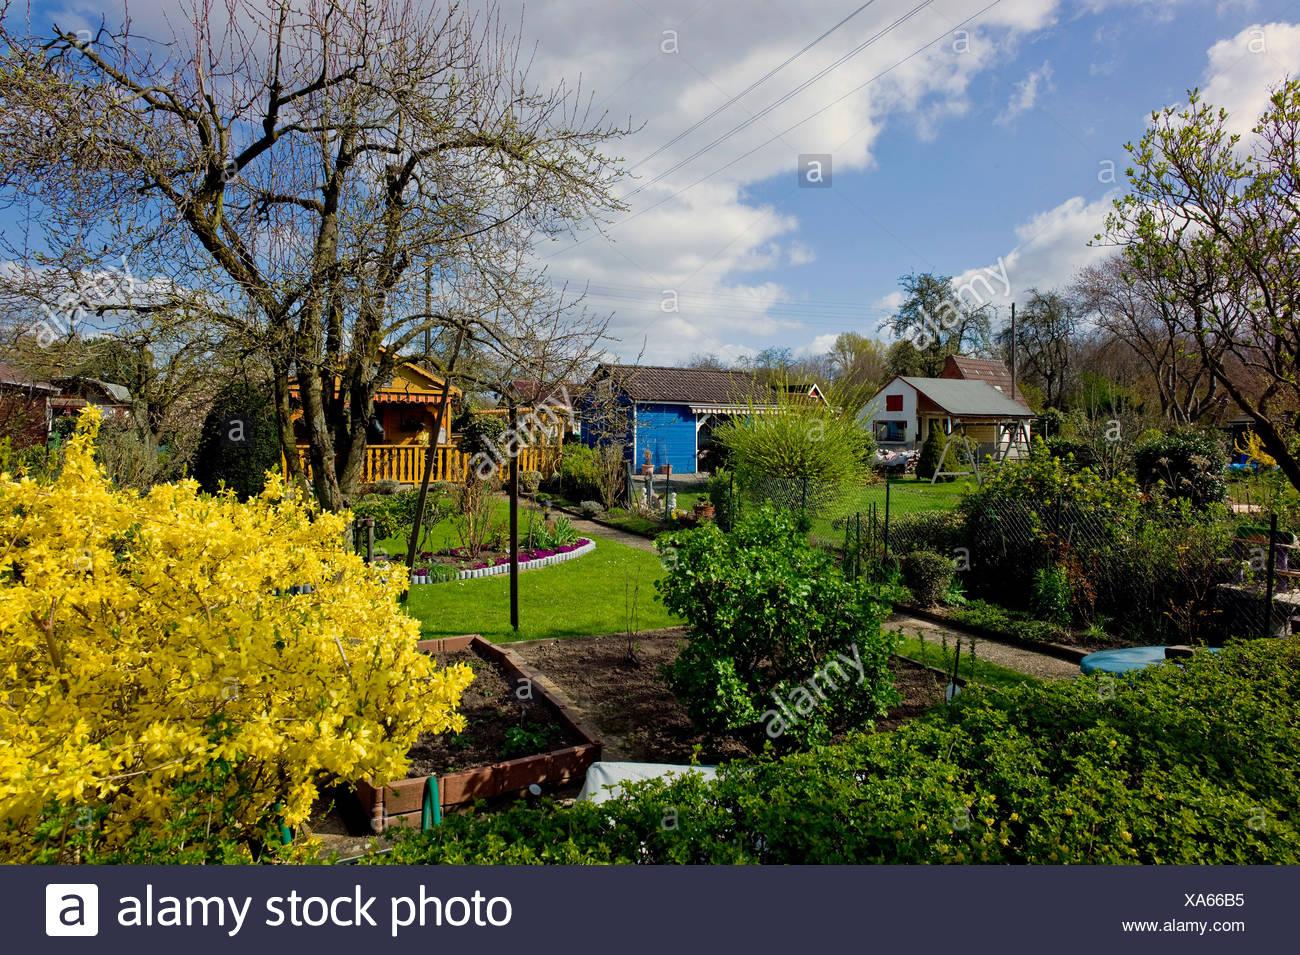 allotment garden, Germany, Freie Hansestadt Bremen, Bremen - Stock Image